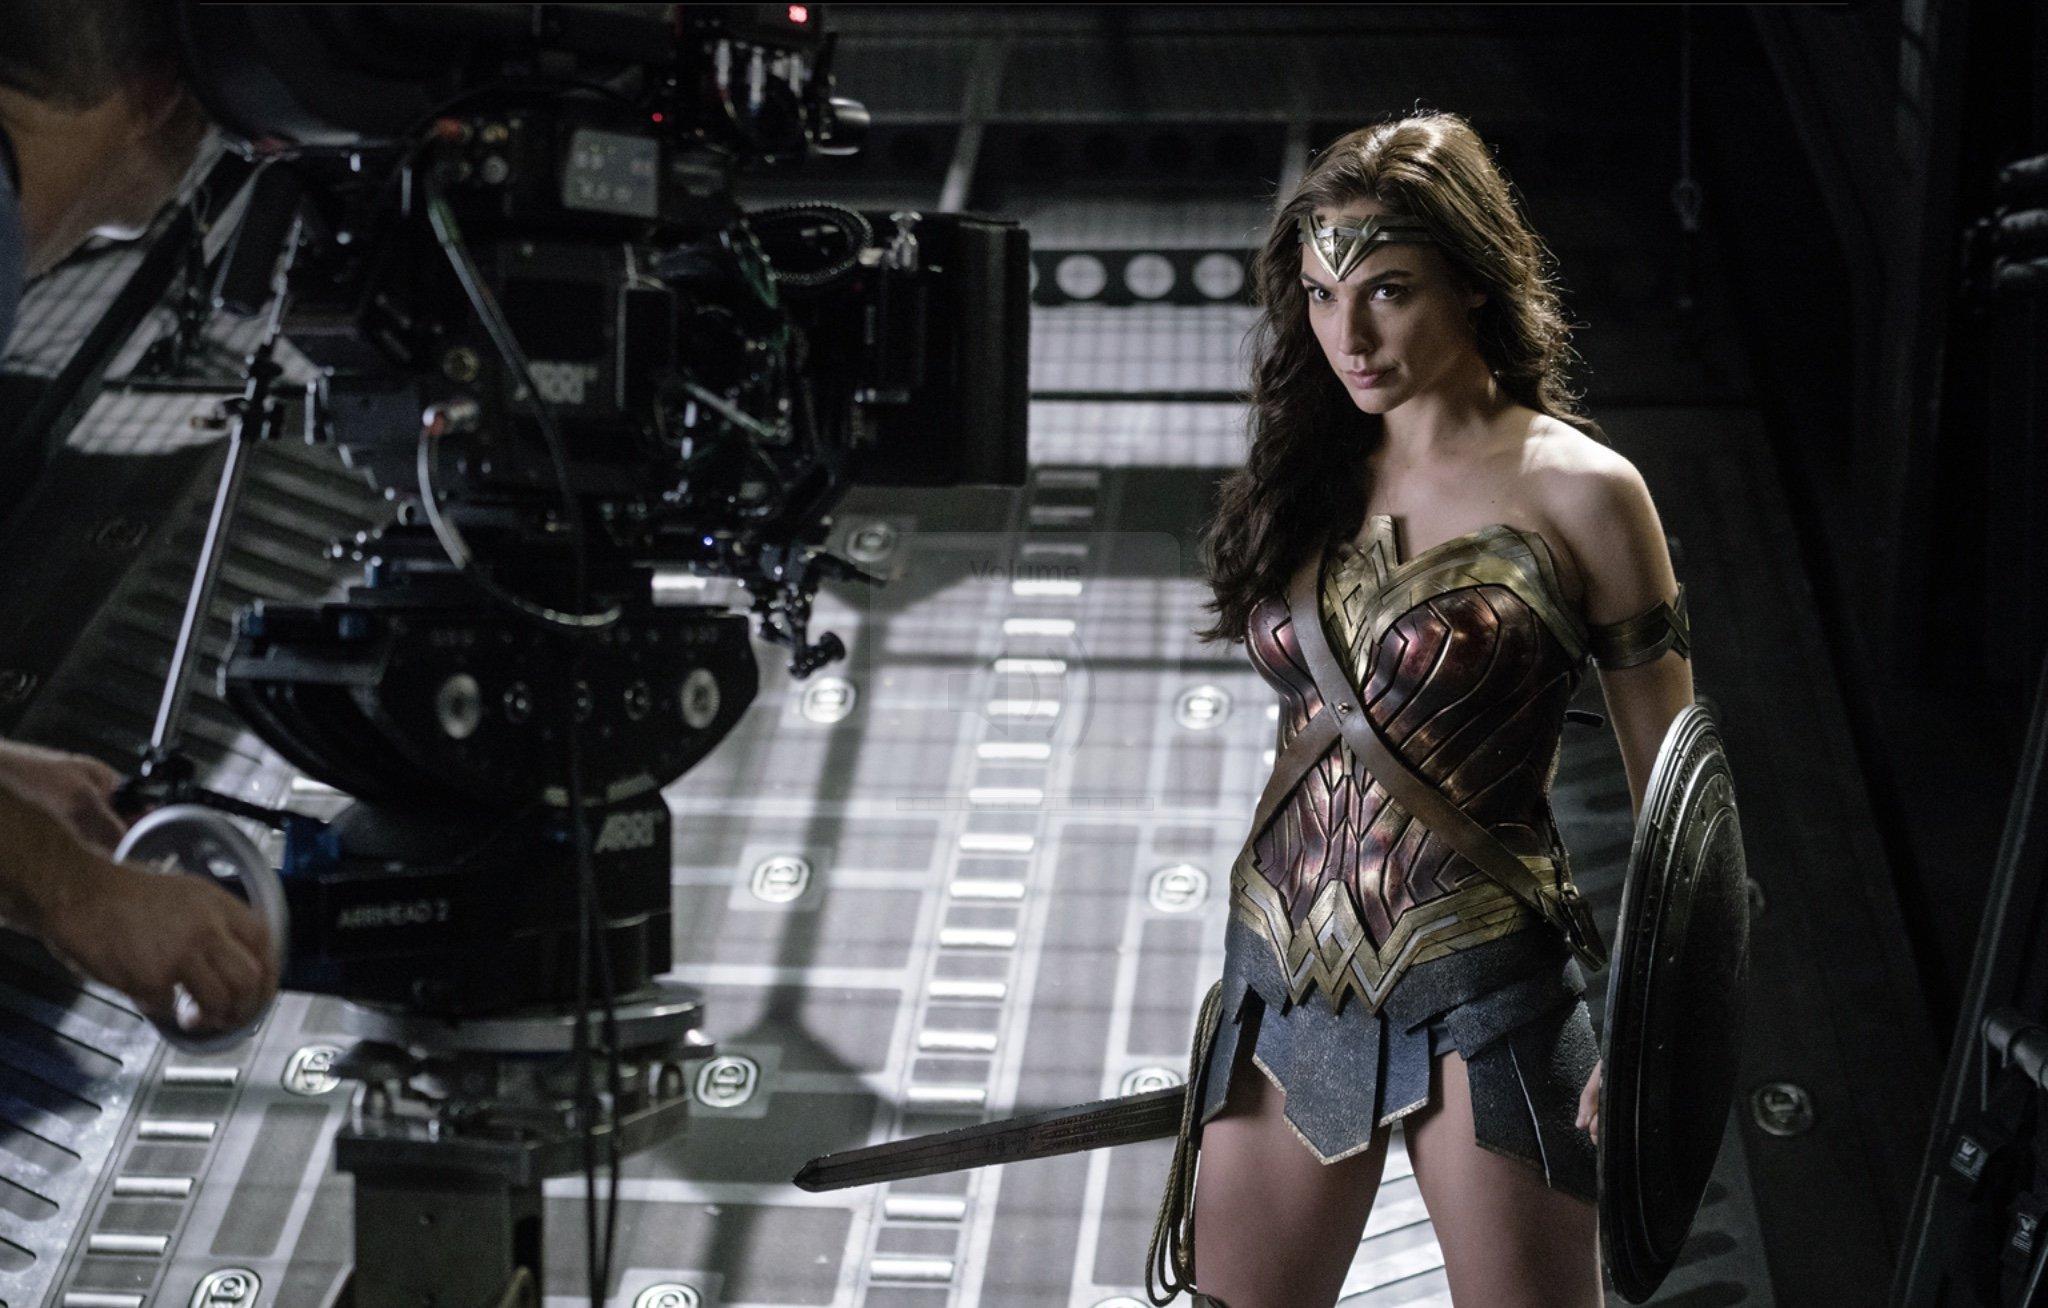 2017 Wonder Woman Movie Fan Art Hd Movies 4k Wallpapers: 1920x1080 Wonder Woman Justice League Hd Laptop Full HD